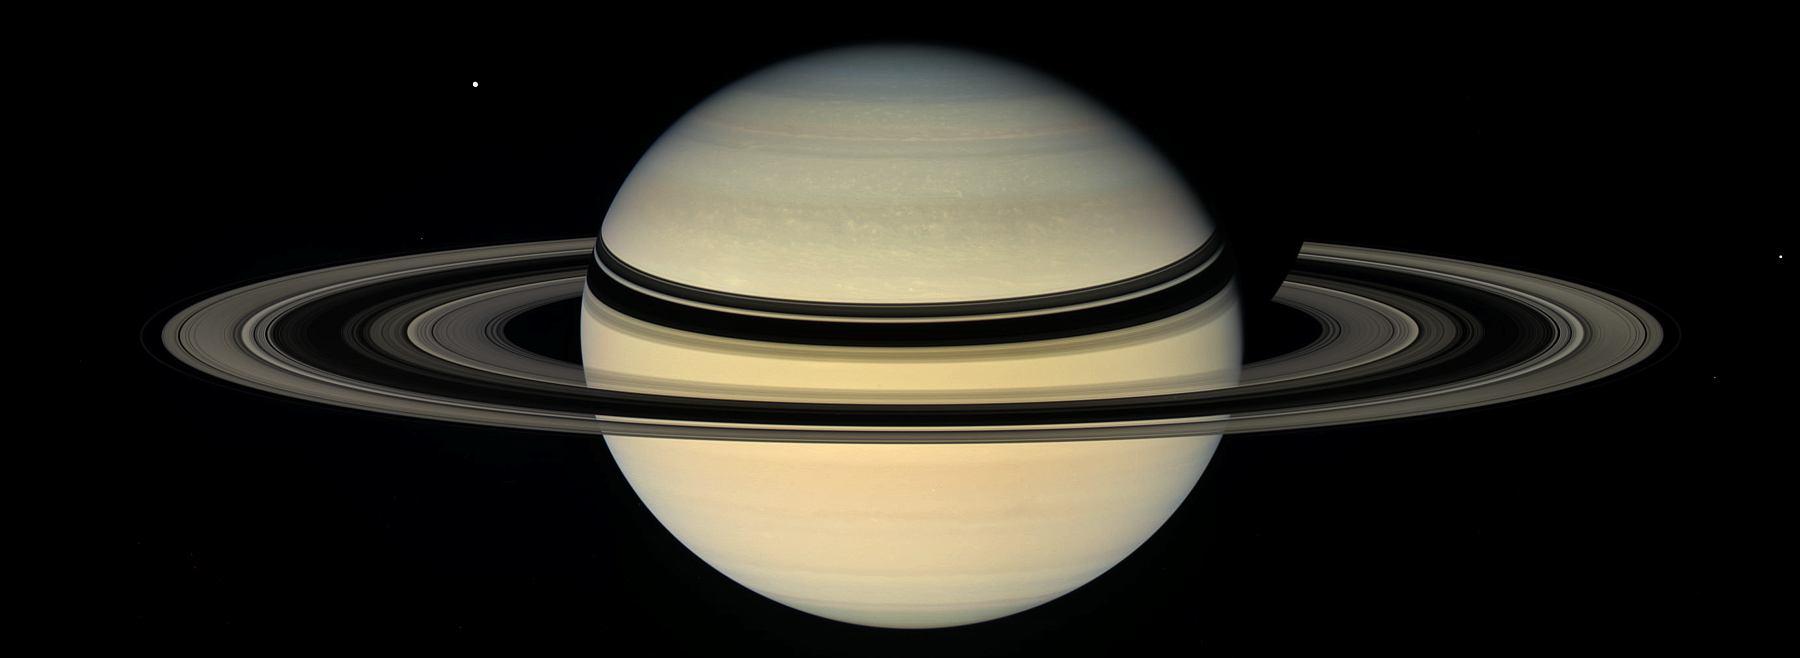 Сатурн, снимок космического аппарата Кассини в 2007 году